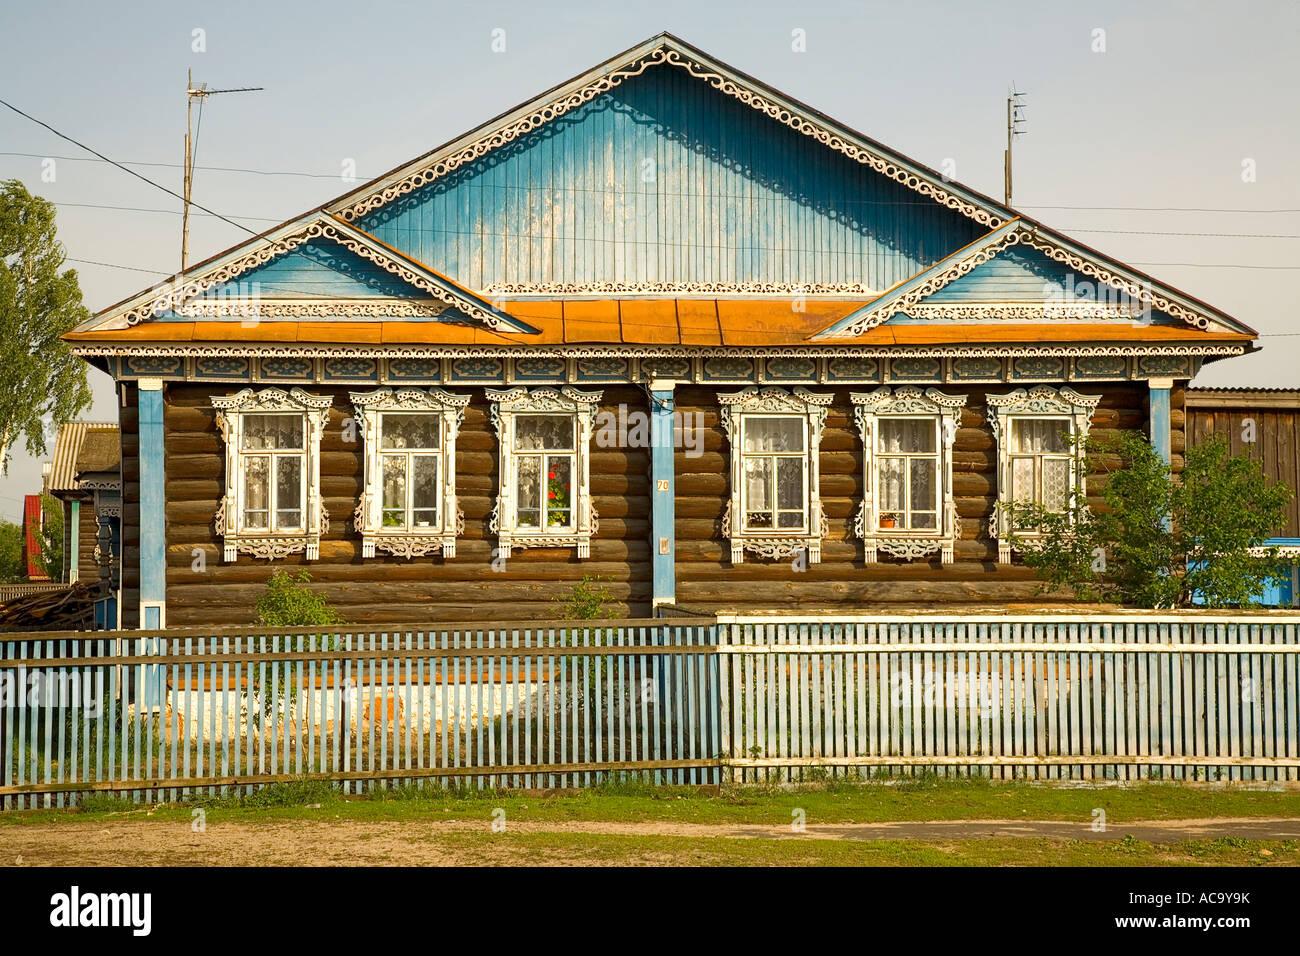 Bezaubernd Russisches Holzhaus Beste Wahl Typisch Russischen , Dorf Lomovka, Russland